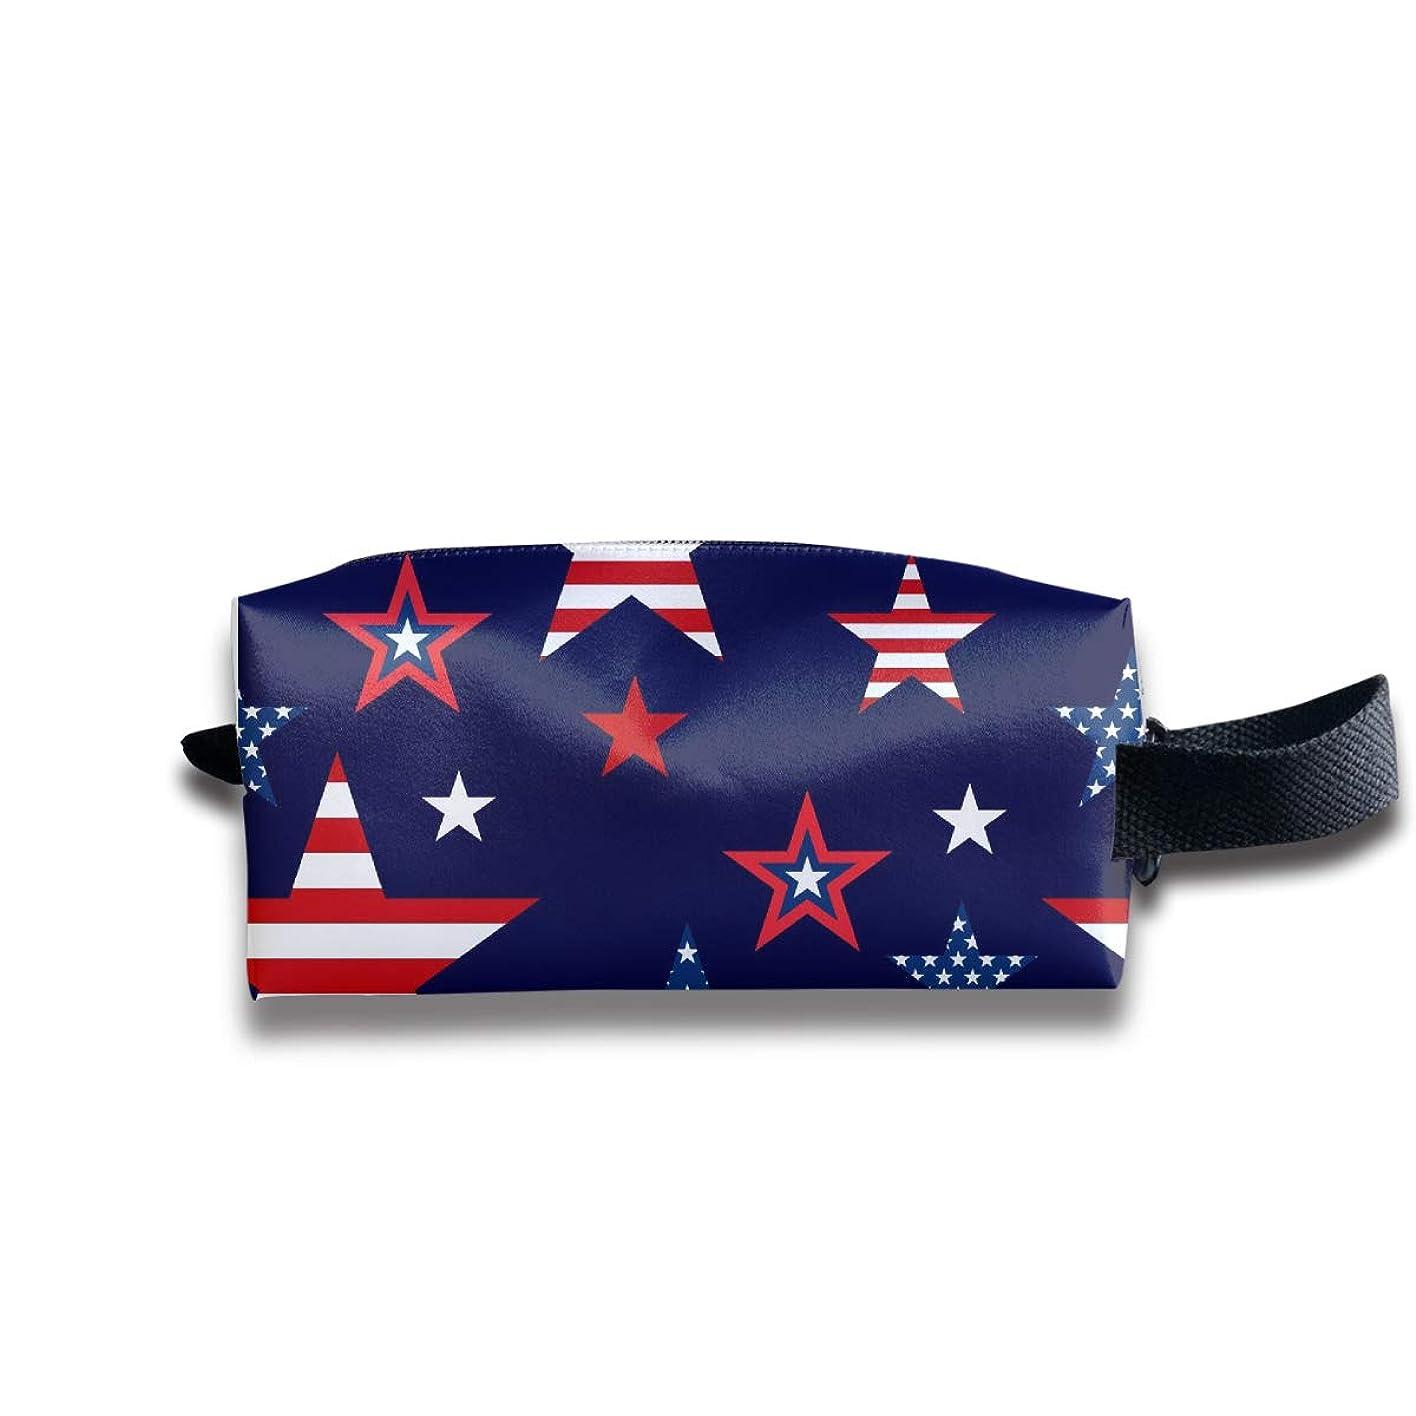 機知に富んだ起業家メディアアメリカの国旗の星のパターン ペンケース文房具バッグ大容量ペンケース化粧品袋収納袋男の子と女の子多機能浴室シャワーバッグ旅行ポータブルストレージバッグ